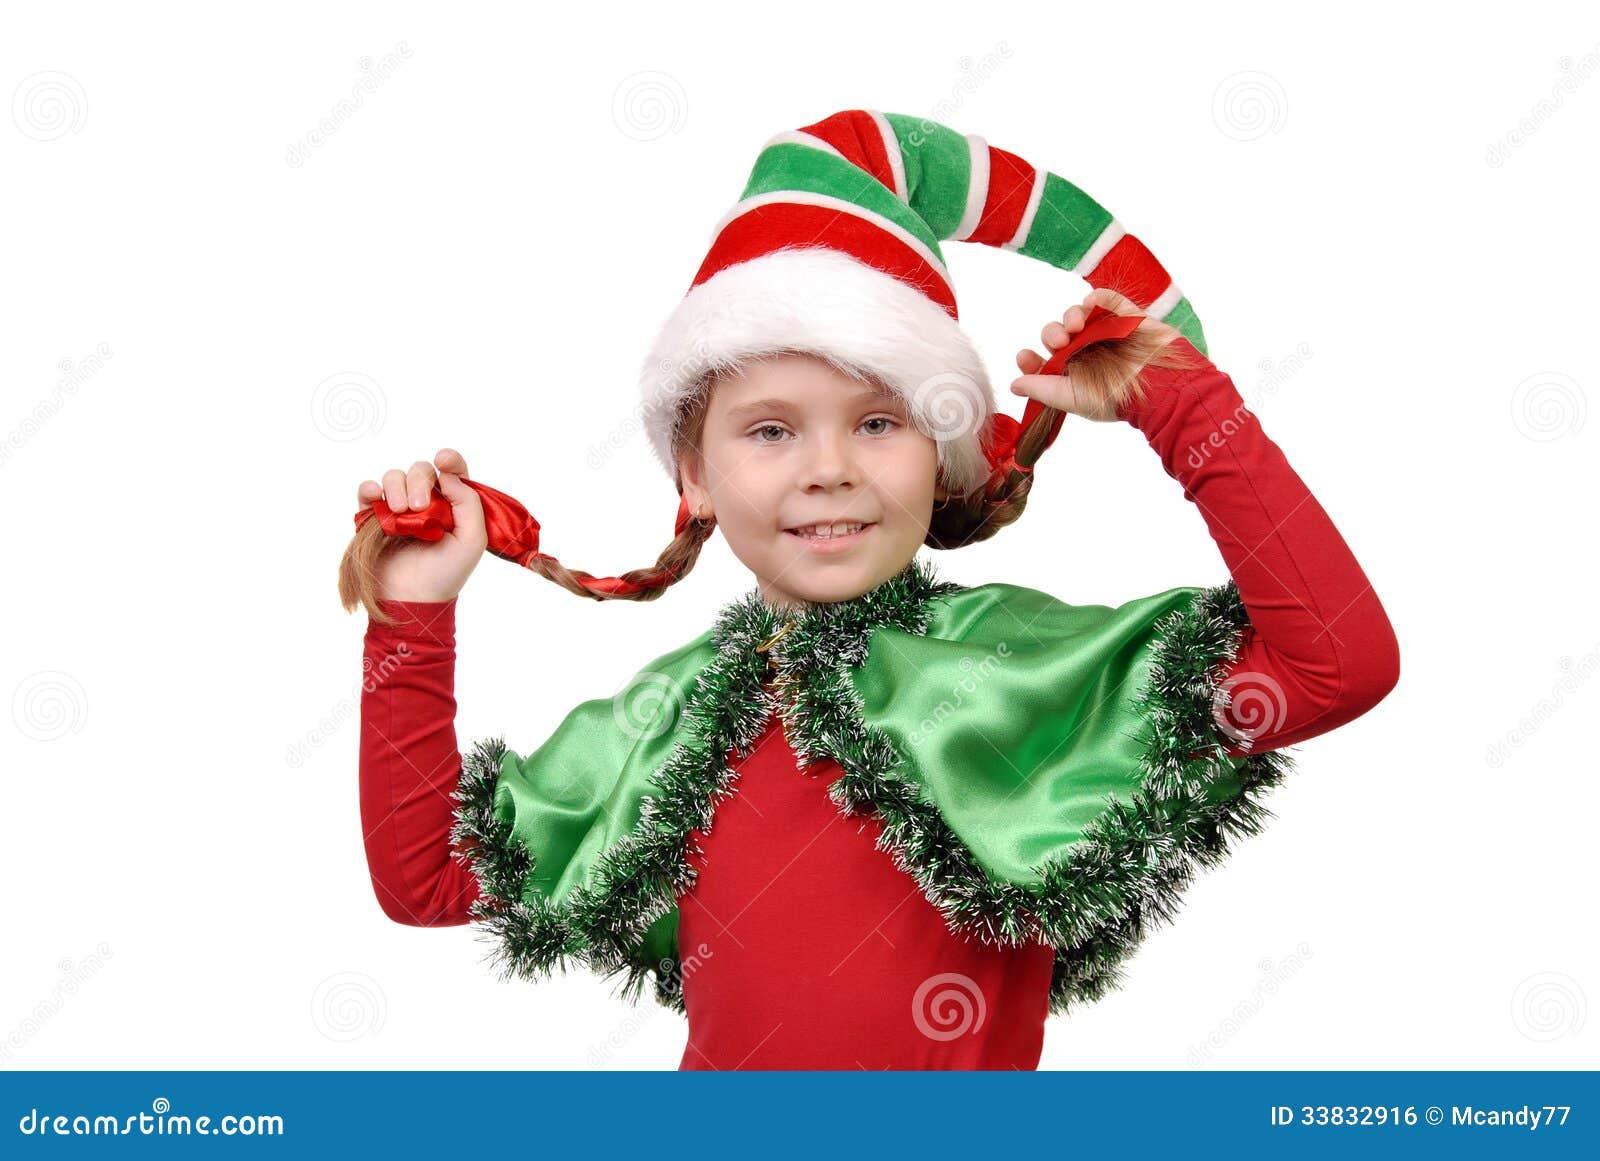 Trajes de duendes de navidad - El duende blanco ...